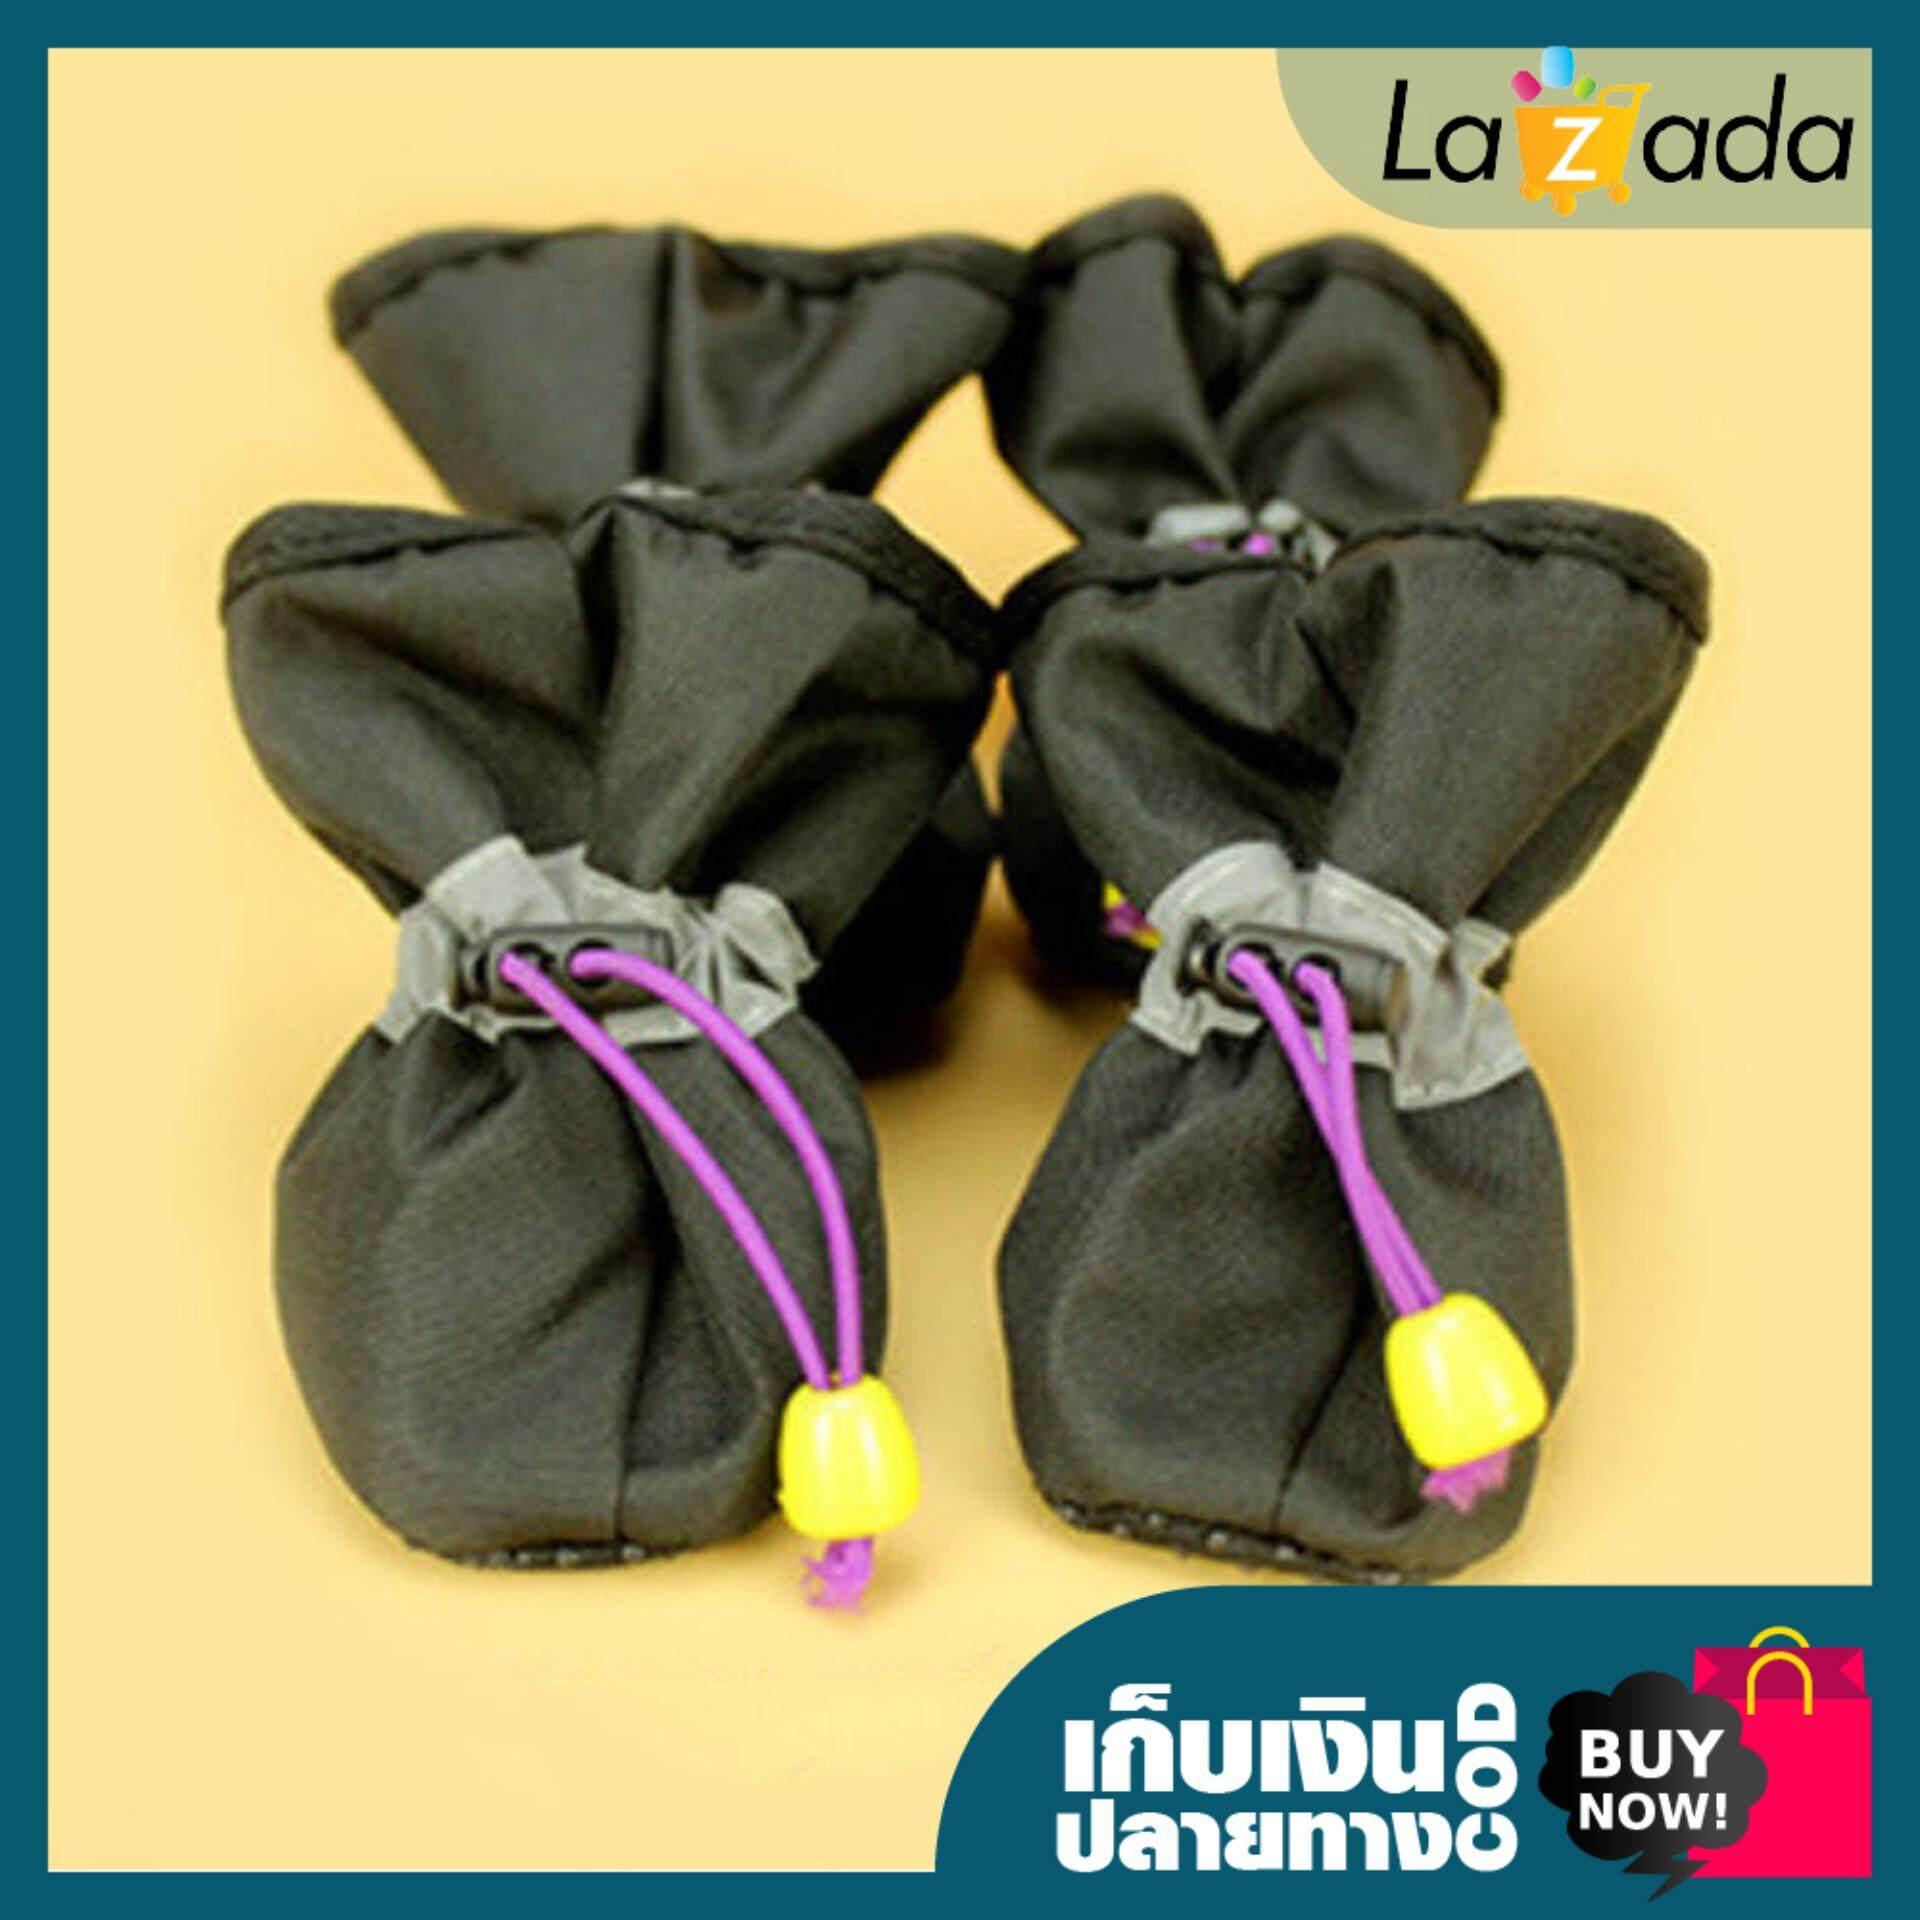 รองเท้าสุนัข ผลิตจากวัสดุอย่างดี มีความยืดหยุ่น - สีดำ By Shopklub.